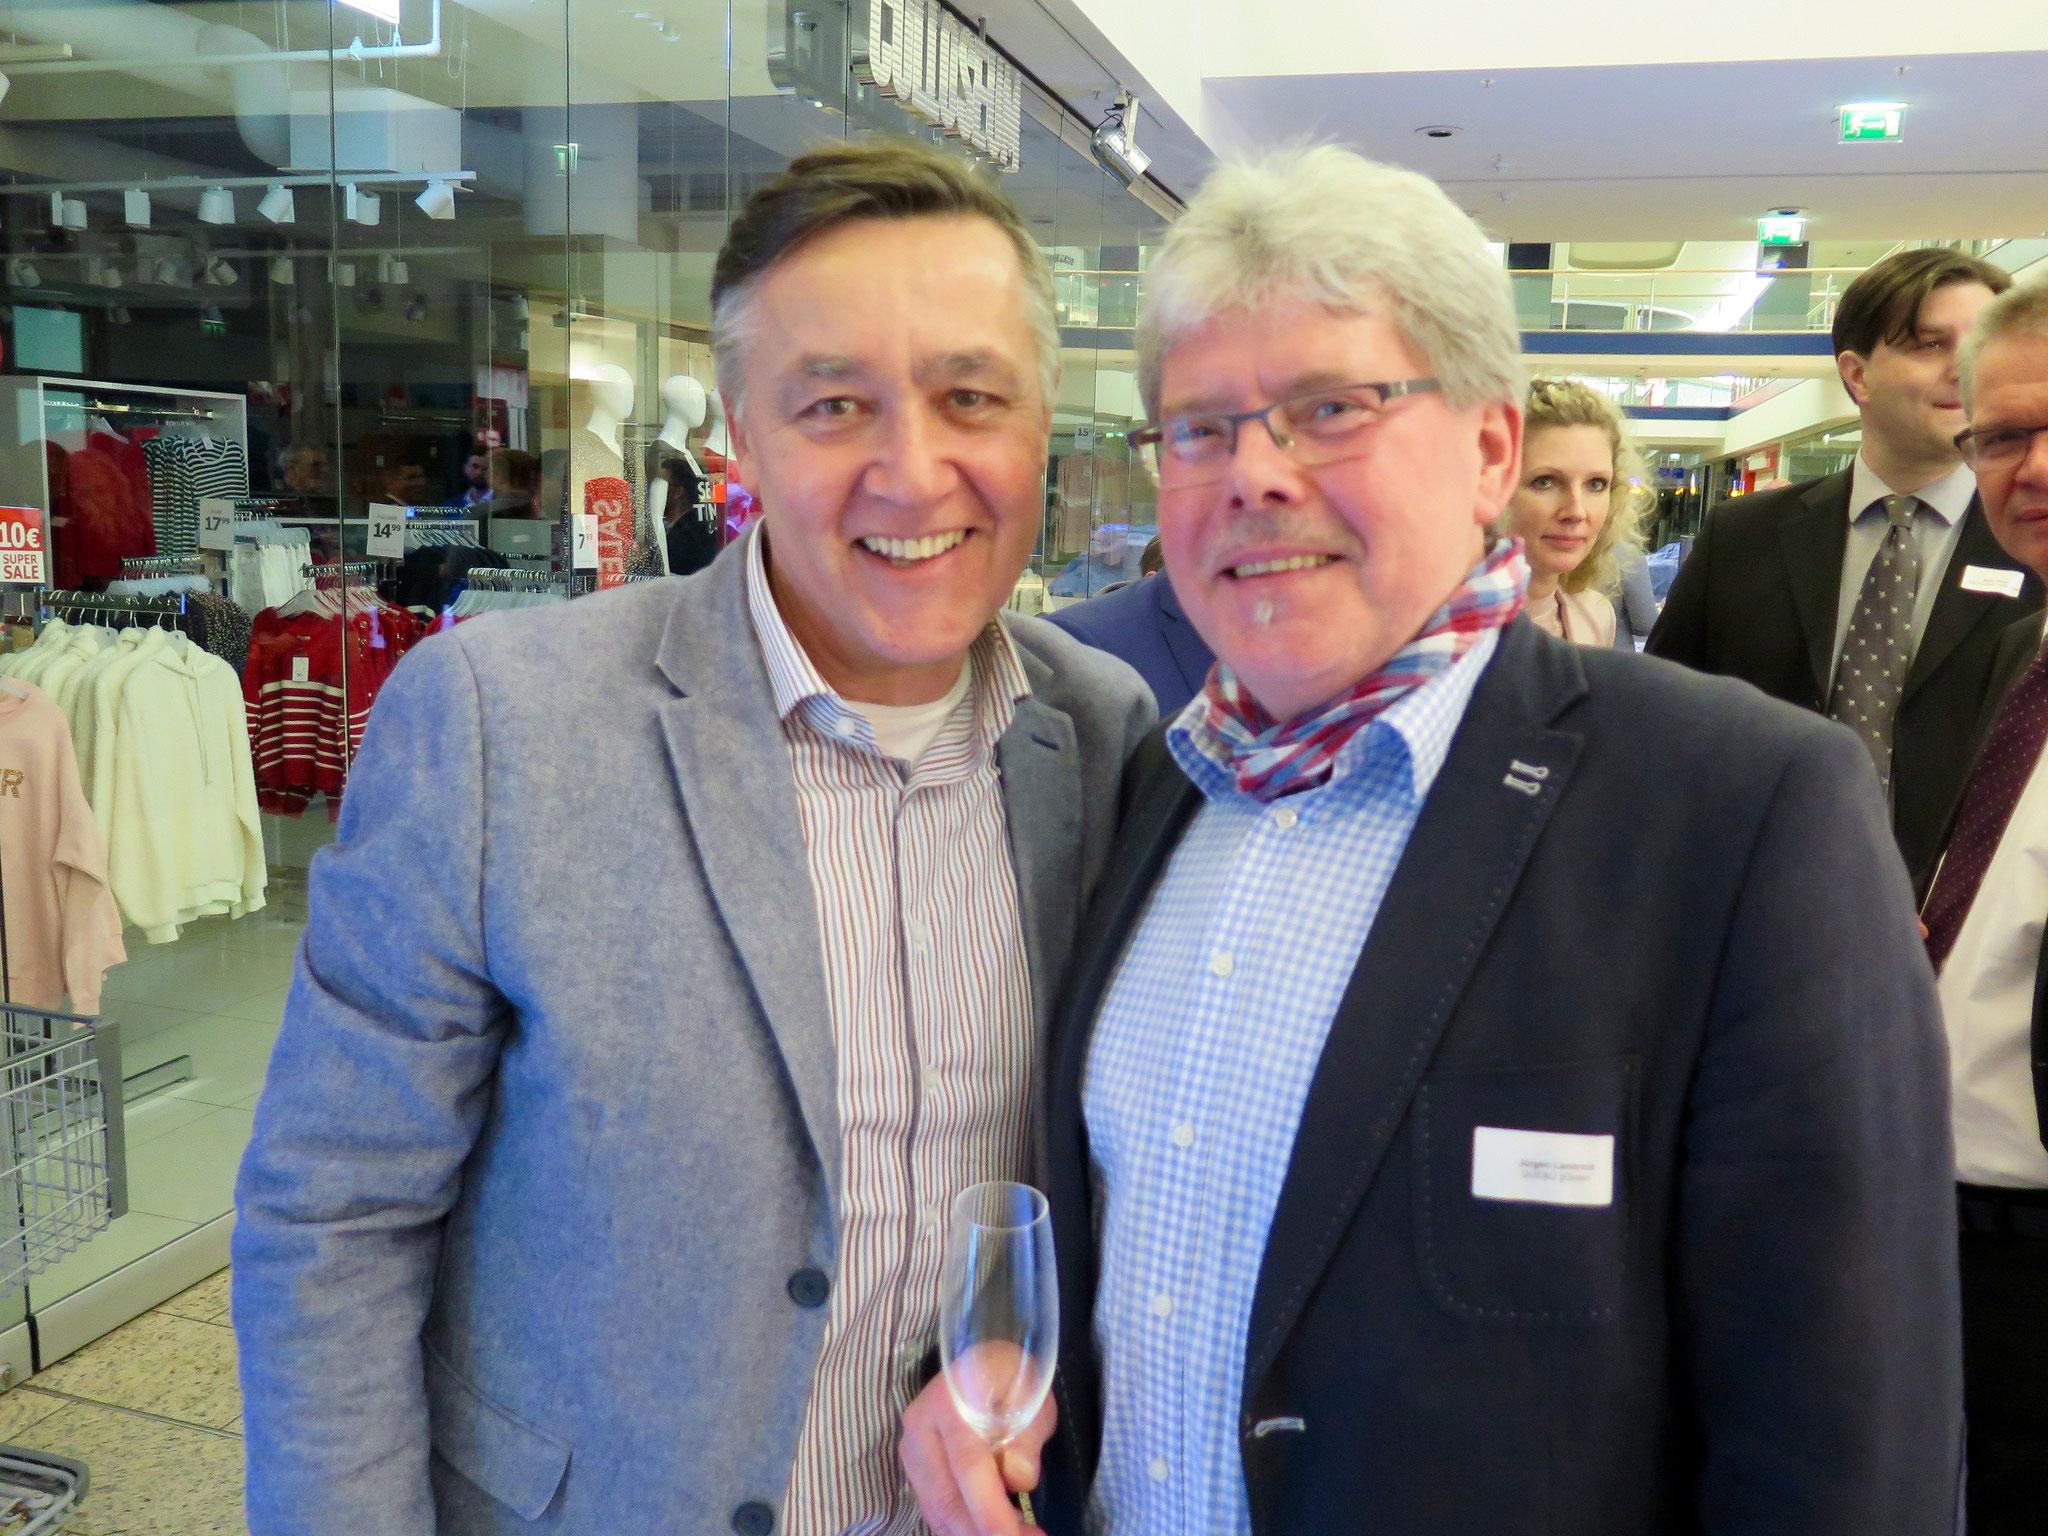 Stefan Mattes (Unternehmensnetzwerk Magerviehhof Friedrichsfelde) mit Jürgen Landrock (Qualifizierungsgesellschaft für Energie- und Umwelttechnik gGmbH)